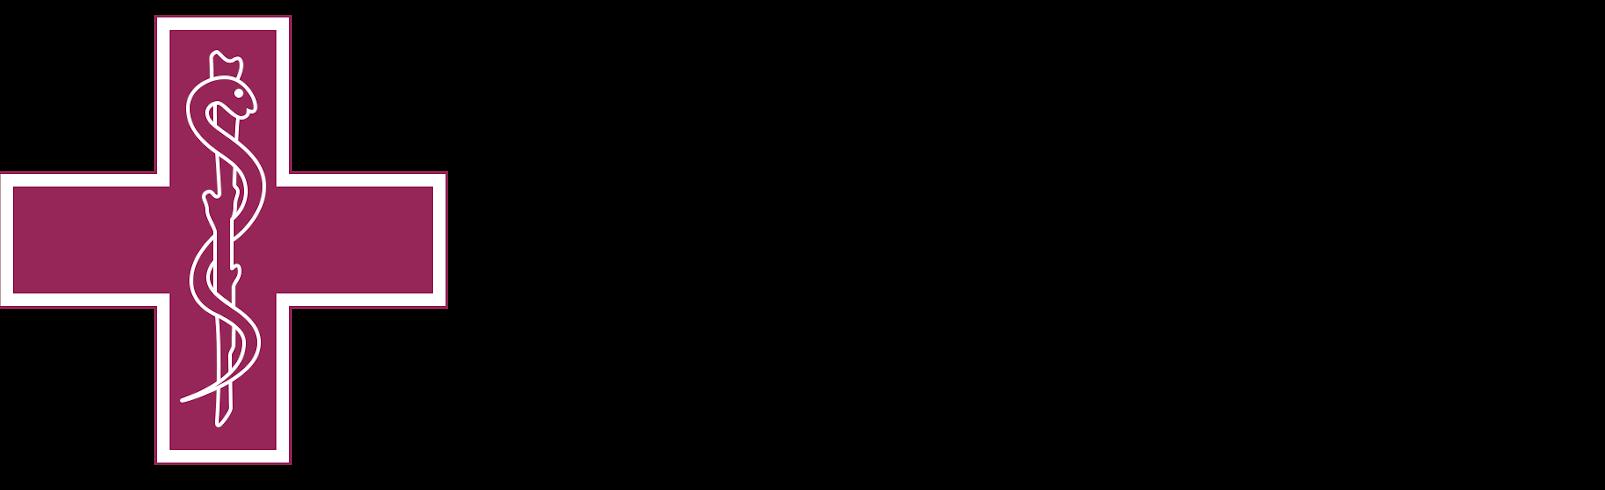 Vanhoutte Kine